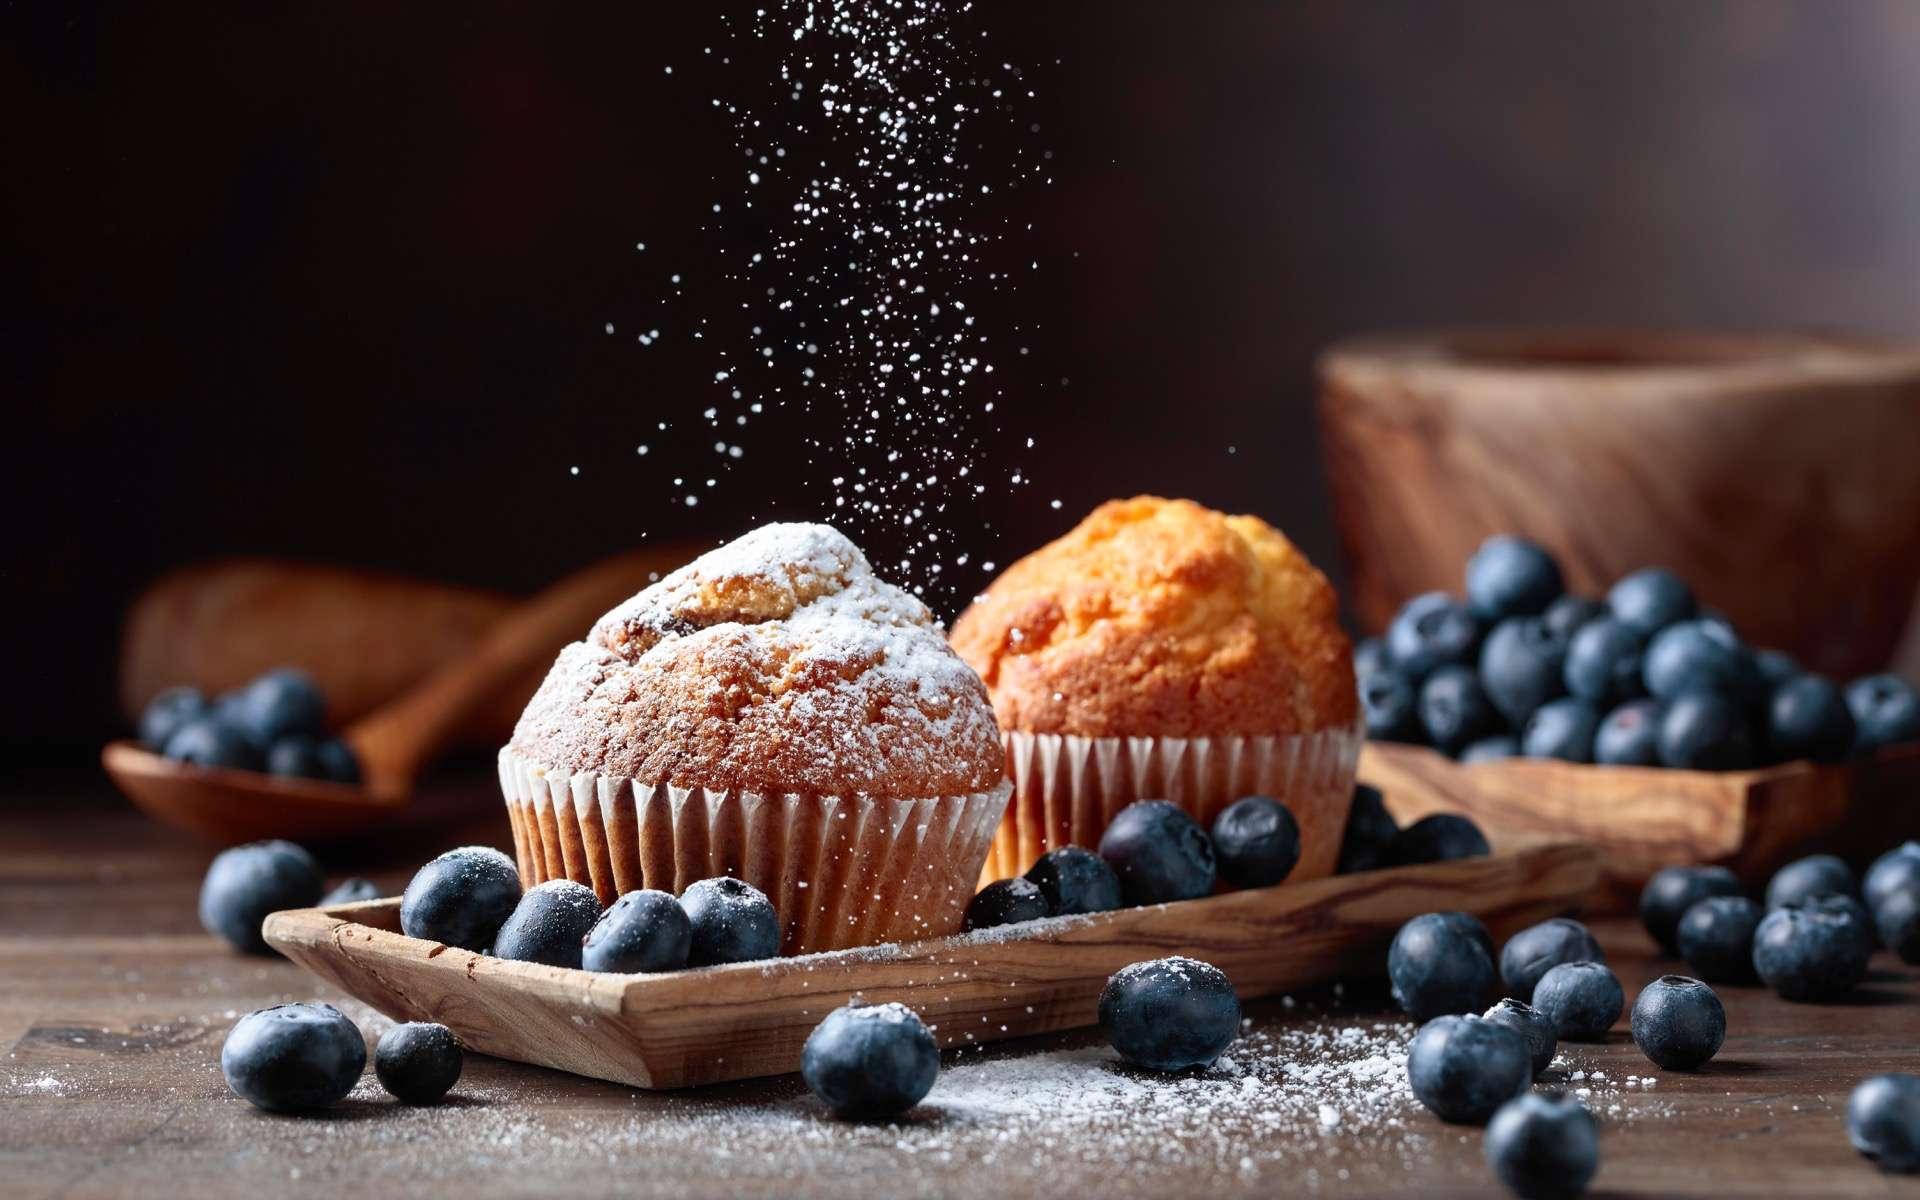 Découvrez-en plus sur votre microbiote intestinal en mangeant des muffins bleus. © Igor Normann, Adobe Stock